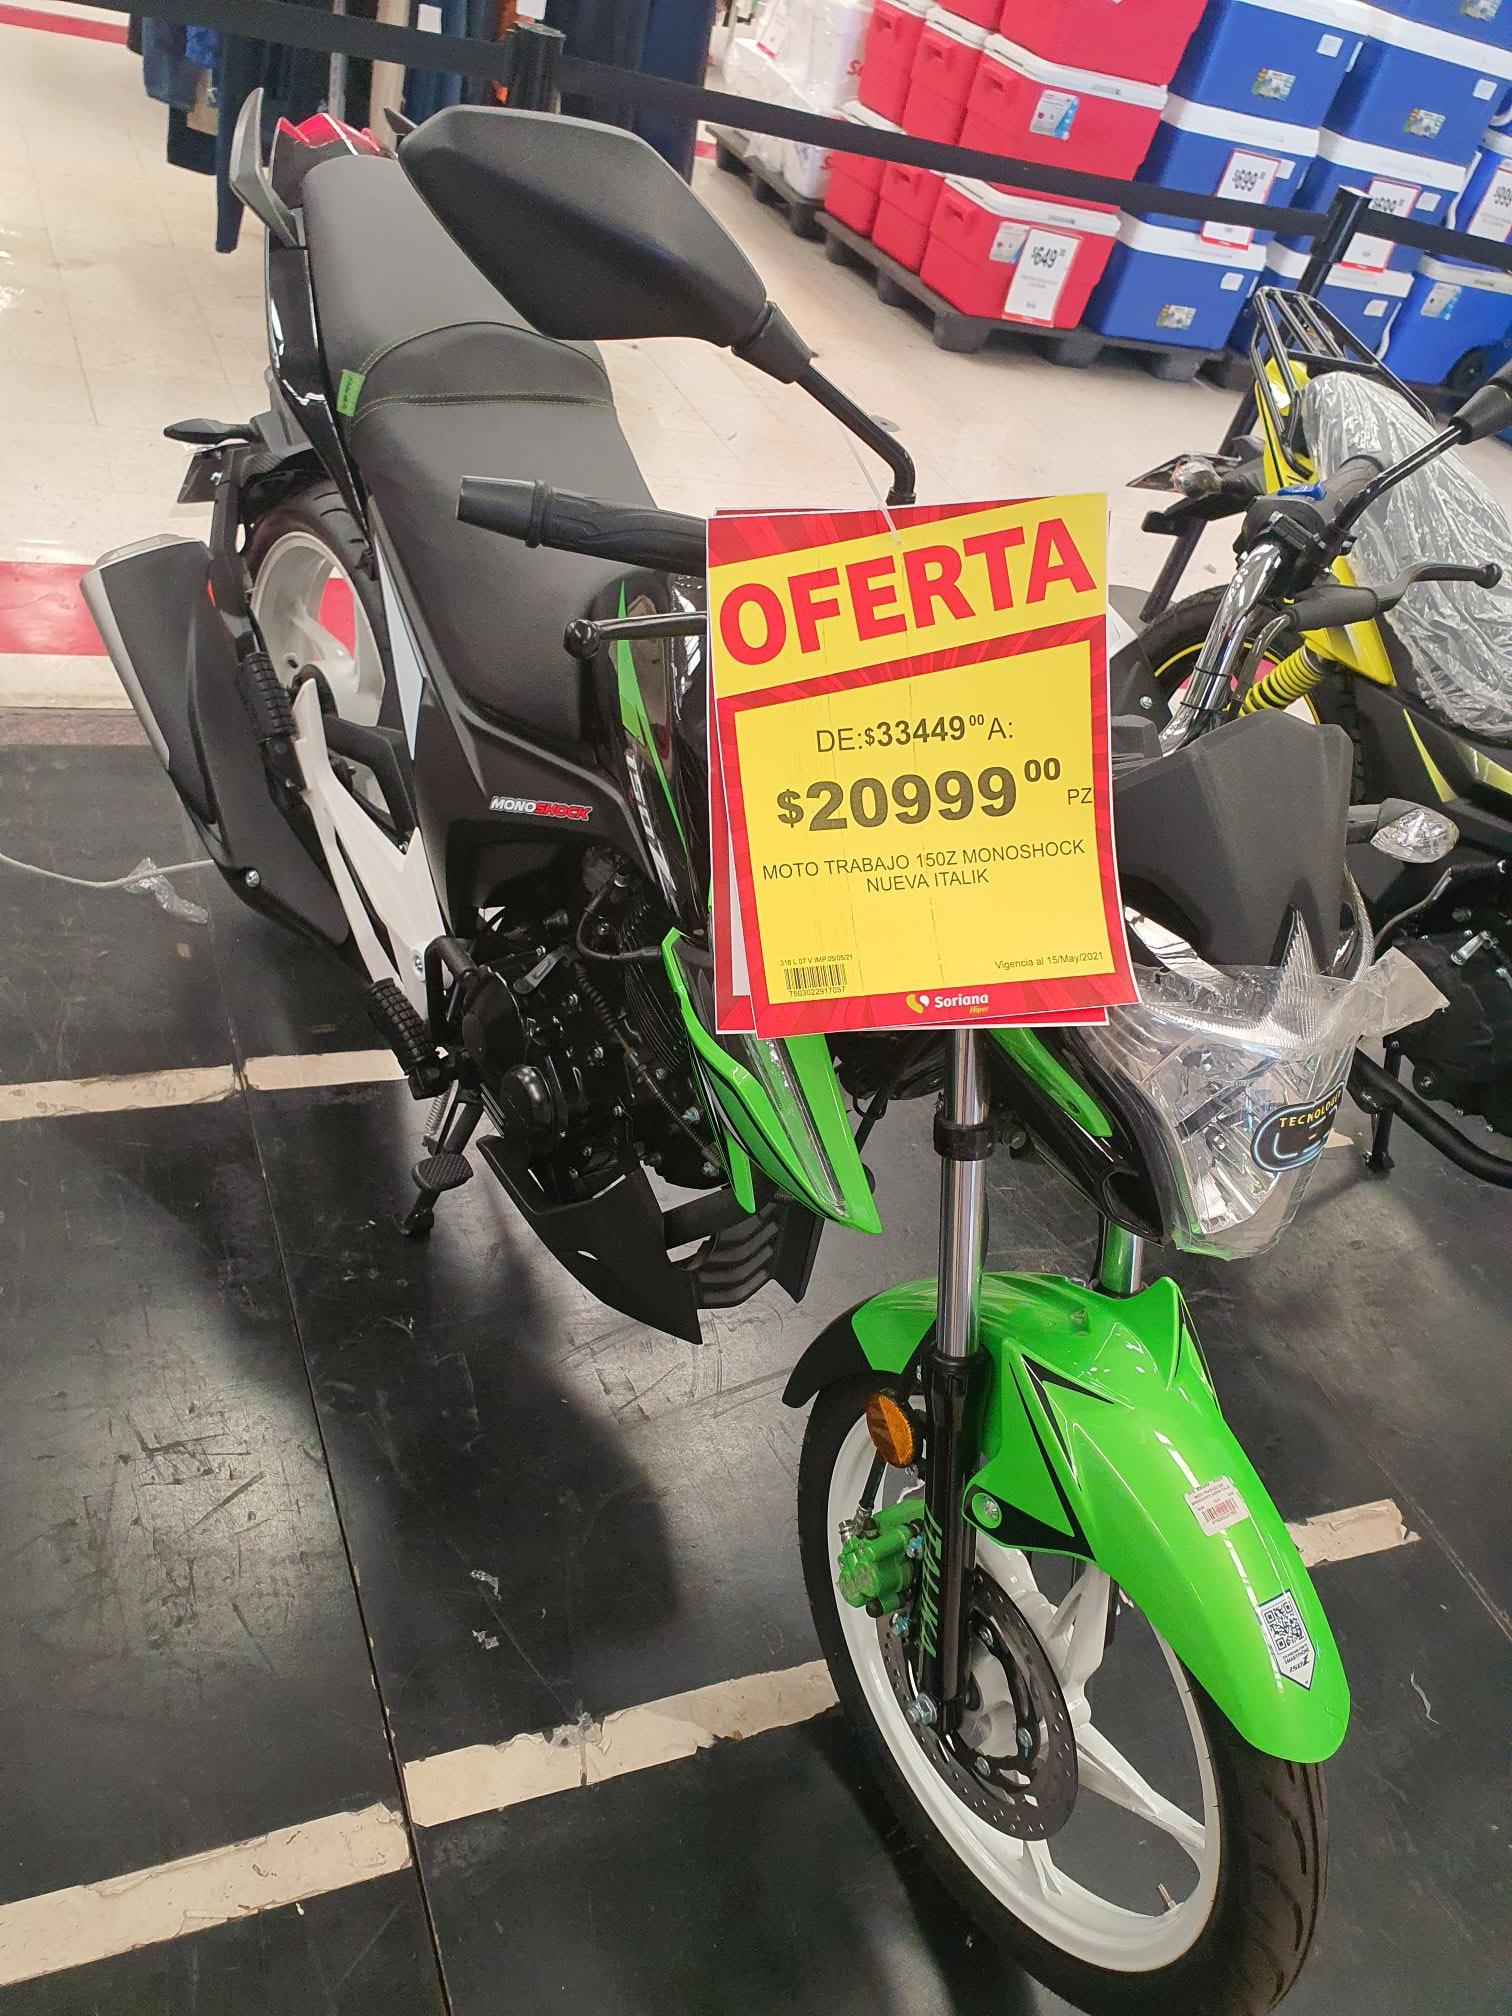 Soriana Moto trabajo 150Z monoshock 2019